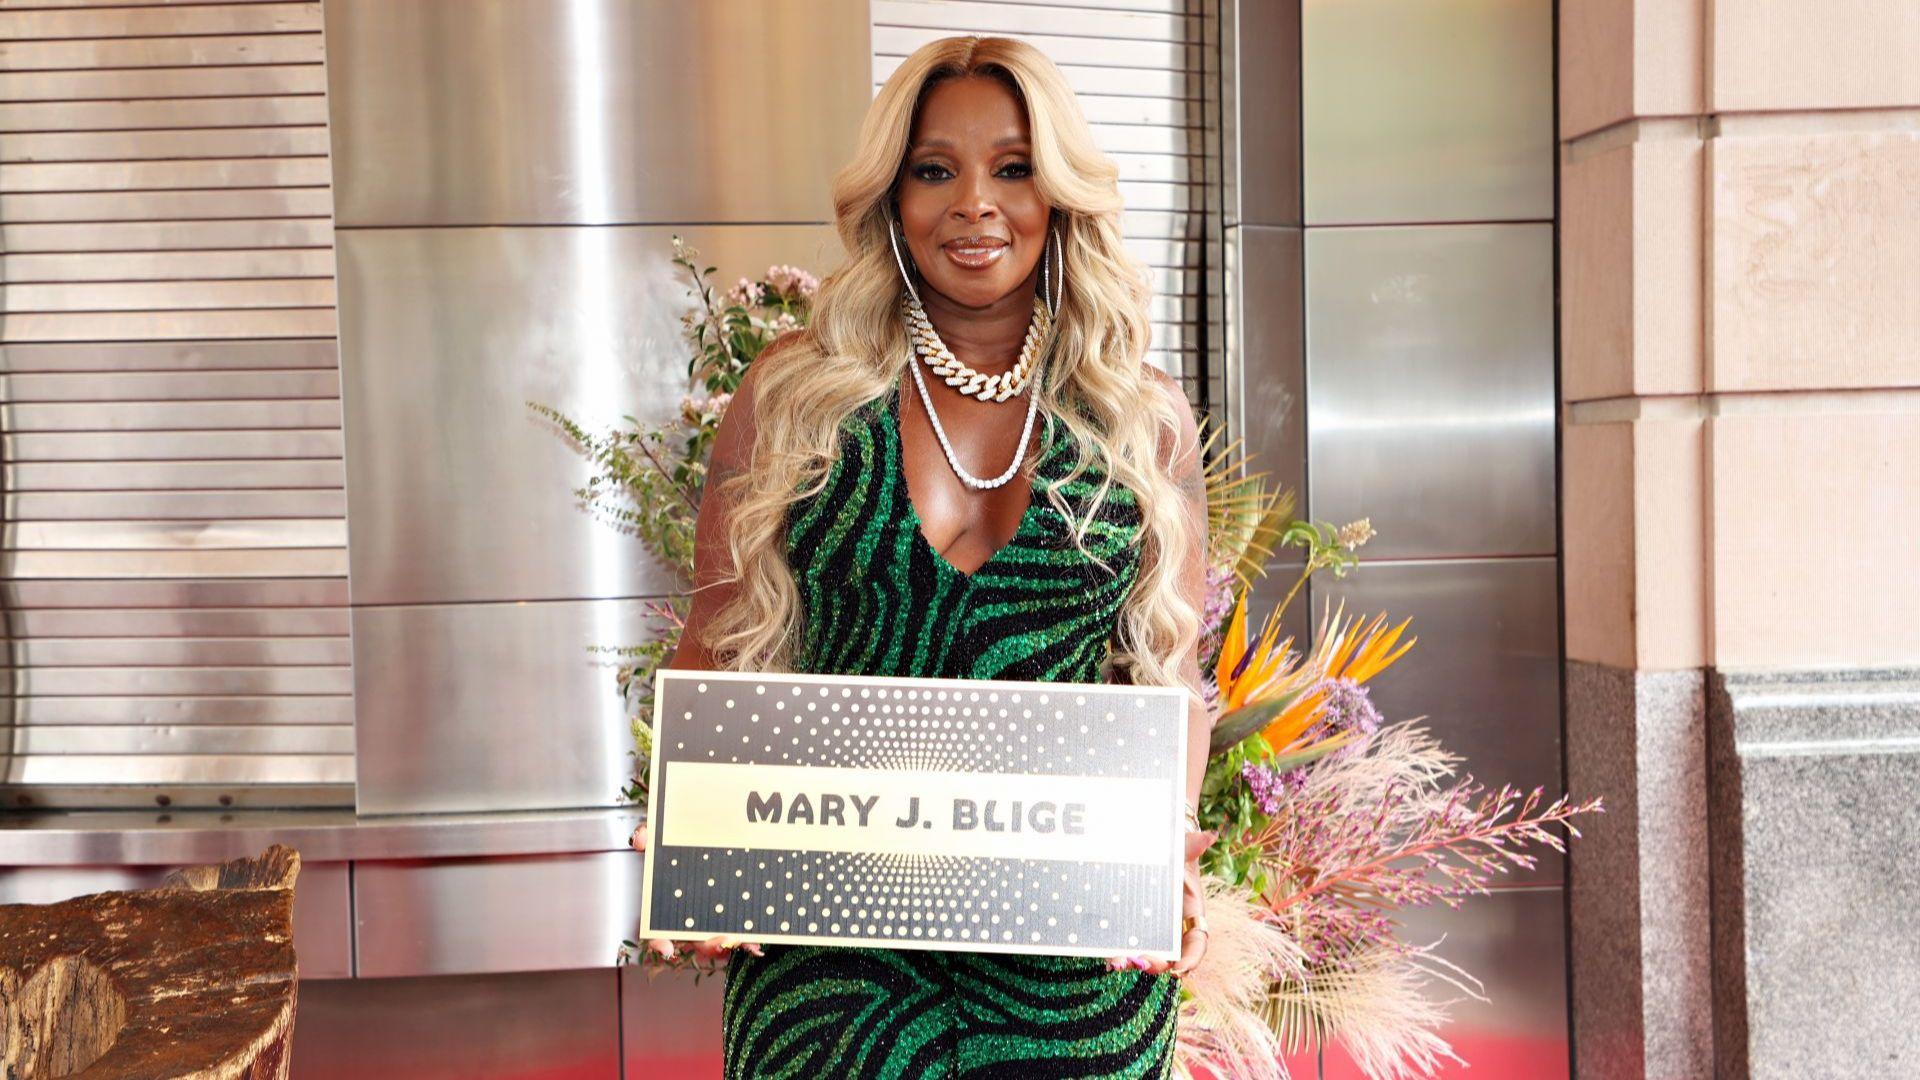 Певицата Мери Джей Блайдж беше въведена в Алеята на славата в Ню Йорк